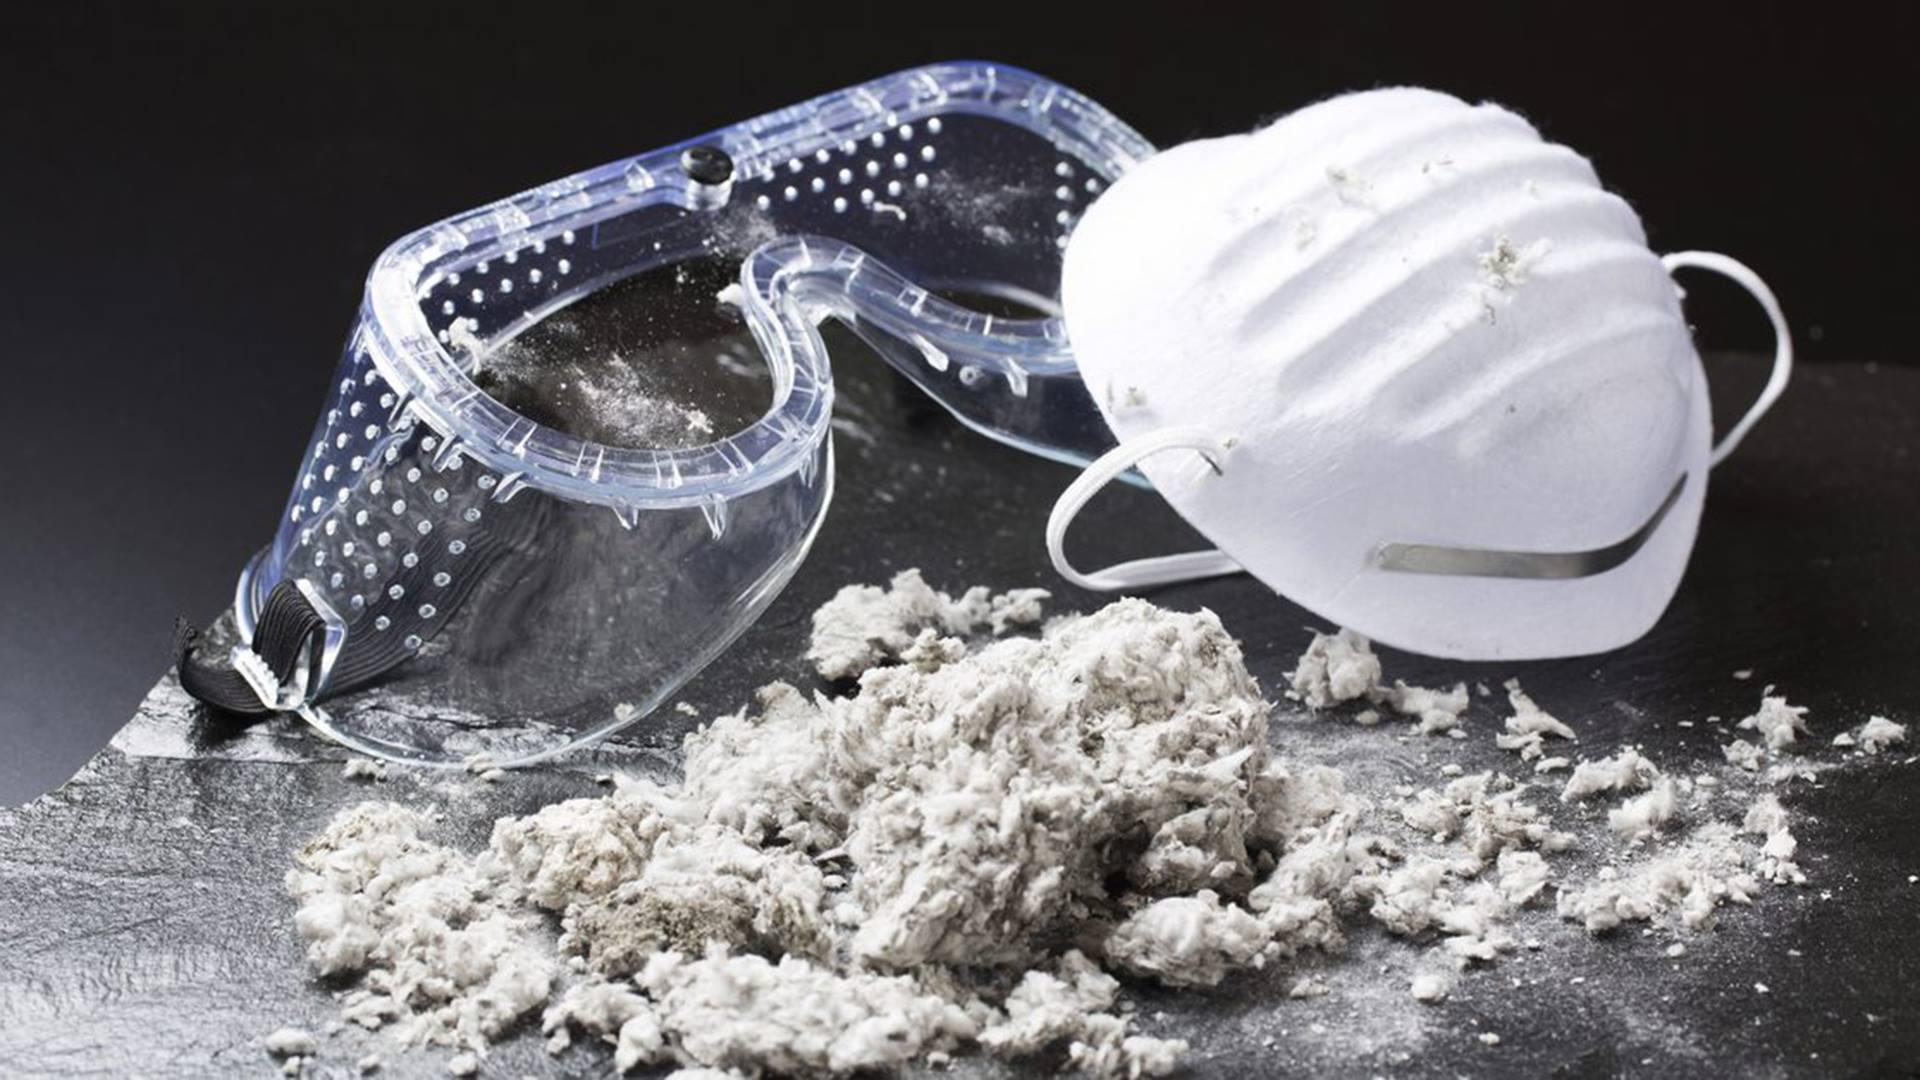 De ophaling van asbest aan huis